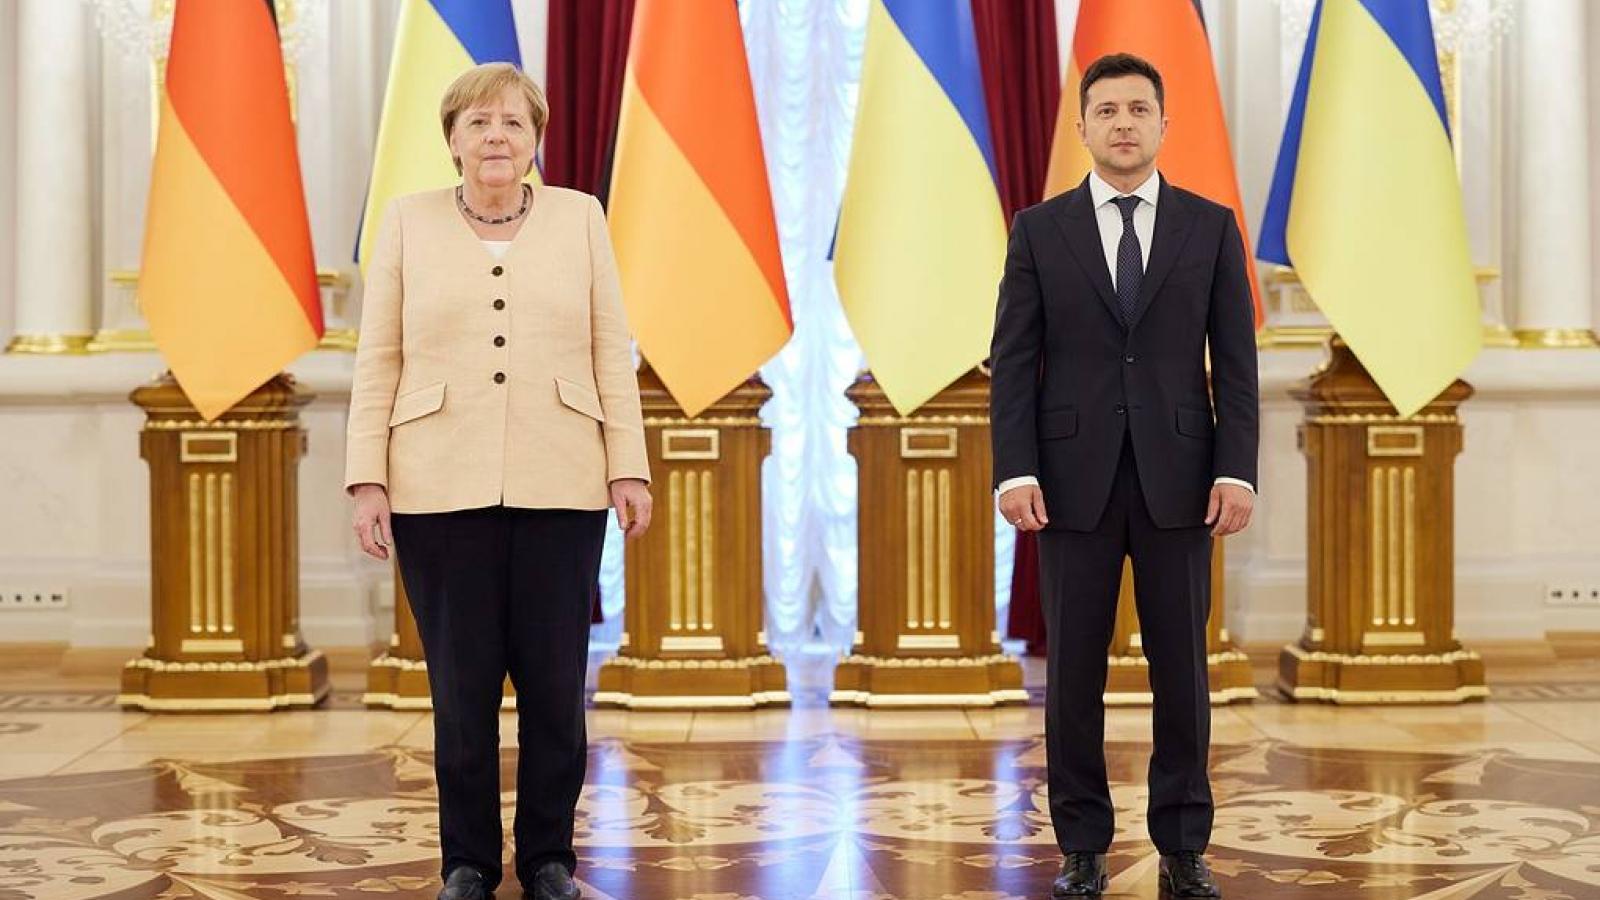 Thủ tướng Đức và Tổng thống Ukrainehội đàm giải quyết tình hình Donbass